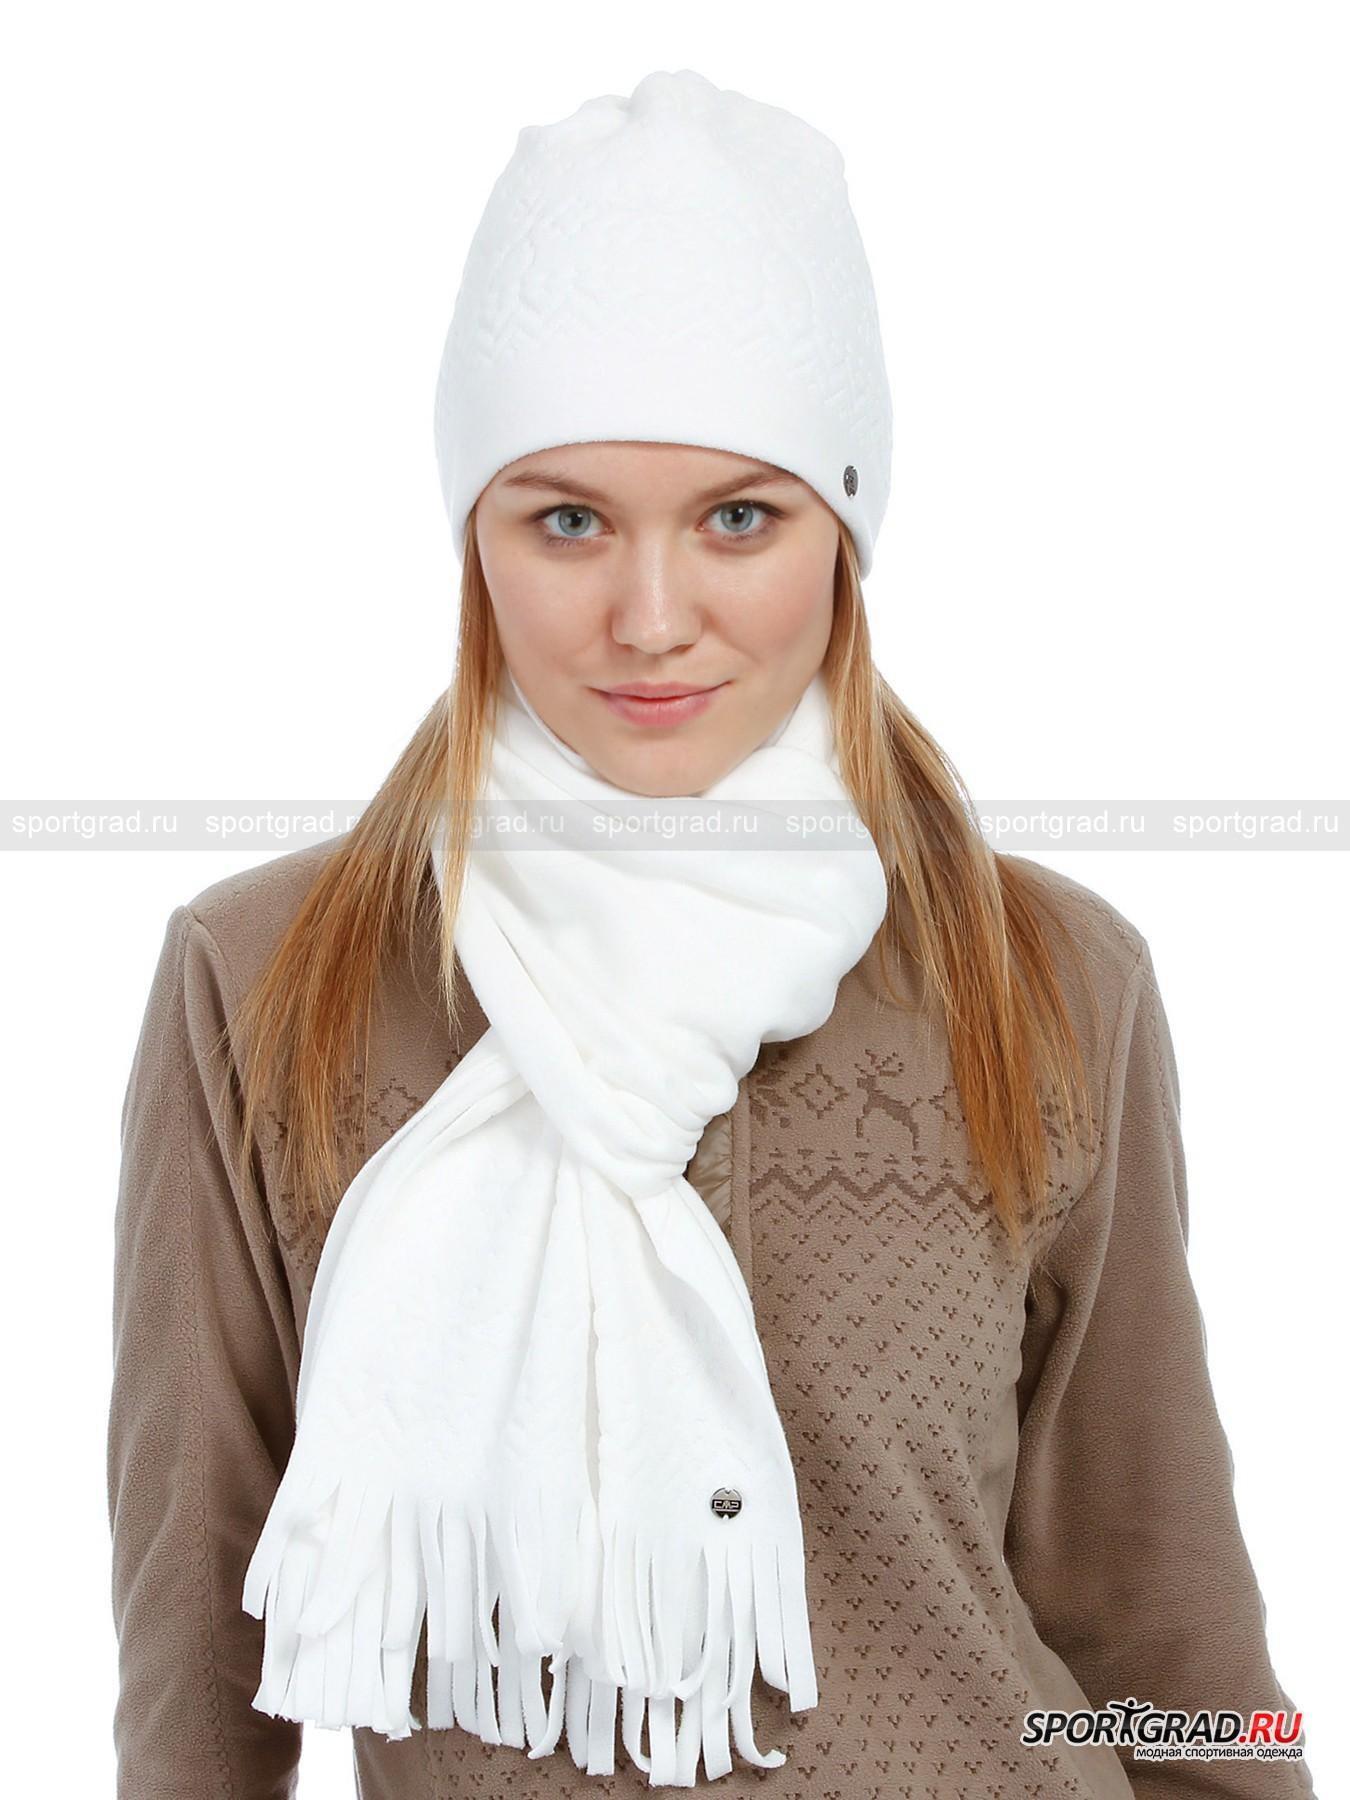 Шапка женская флисовая LADY FLEECE HAT CAMPAGNOLO от Спортград